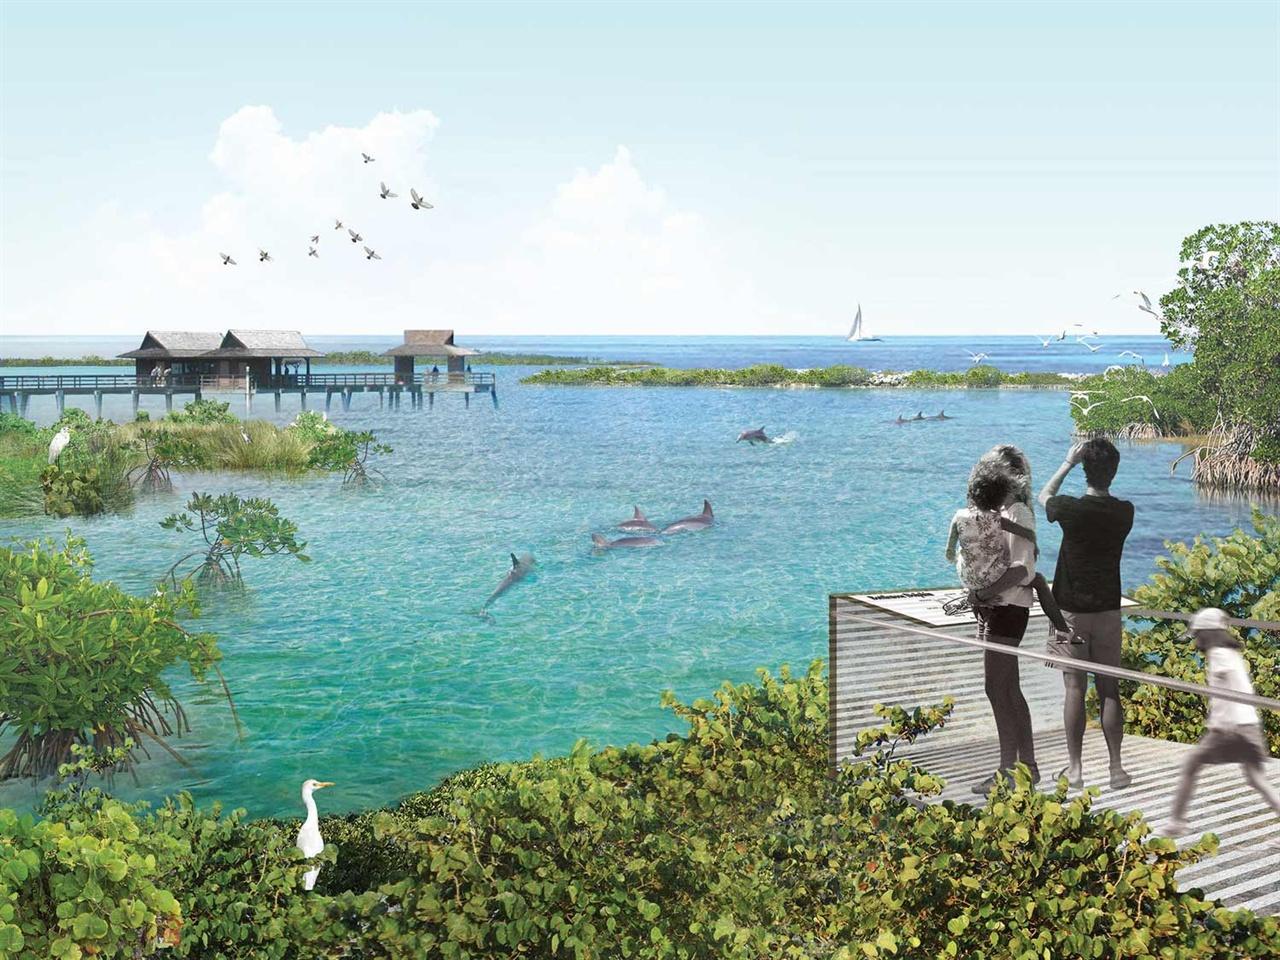 돌고래 바다쉼터의 미래 모습 미국에서 시민 모금을 통해 실제로 추진되고 있는 돌고래 바다쉼터의 모습입니다. 출처 볼티모어 국립수족관 홈페이지 National Aquarium https://aqua.org/press/news/2016/16-06-14-dolphin-sanctuary